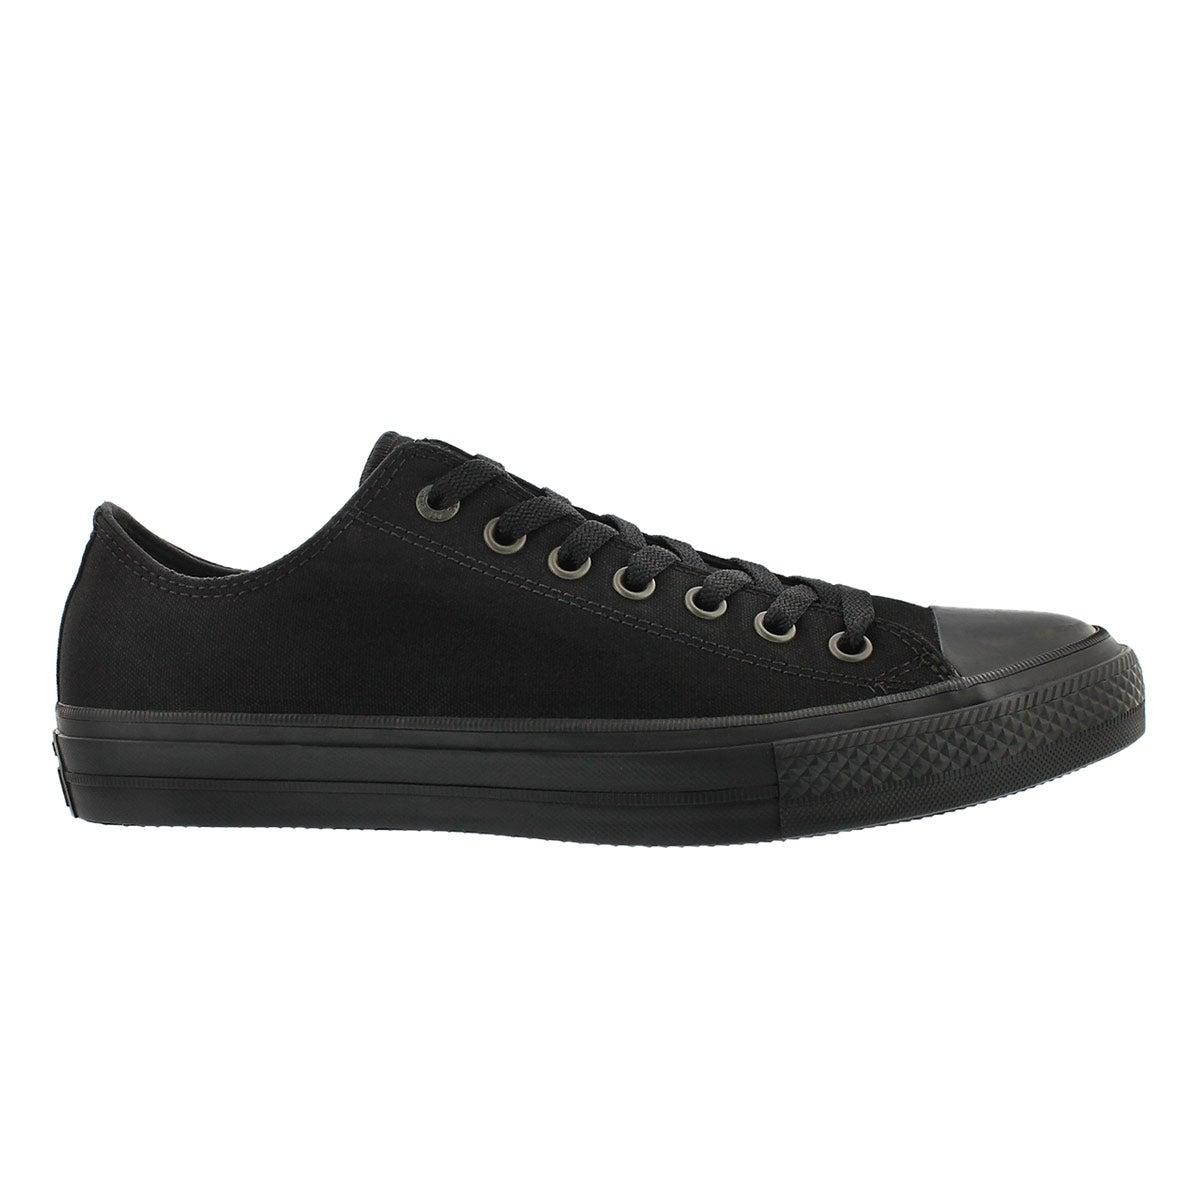 Mns Chuck II Viz Flow blk mono sneaker